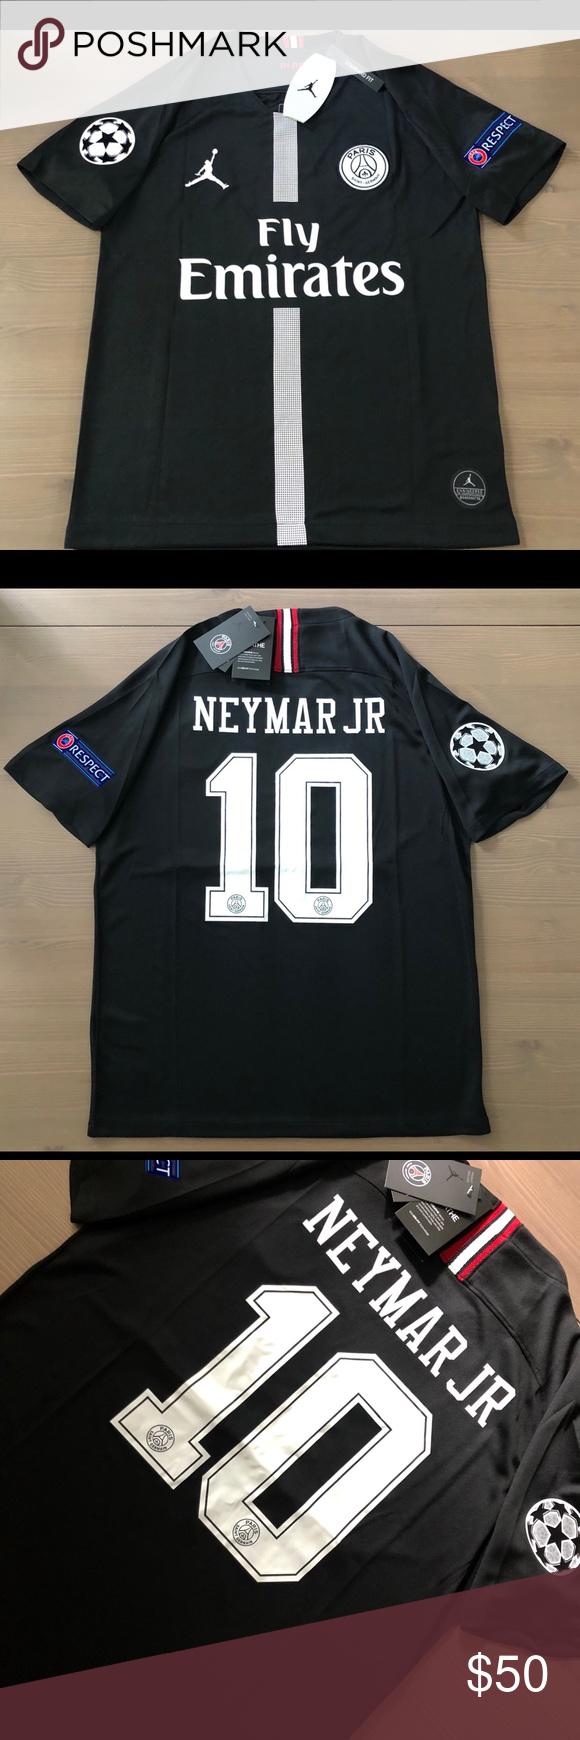 بسيط راتب تقاعد علم الصوتيات neymar jersey jordan